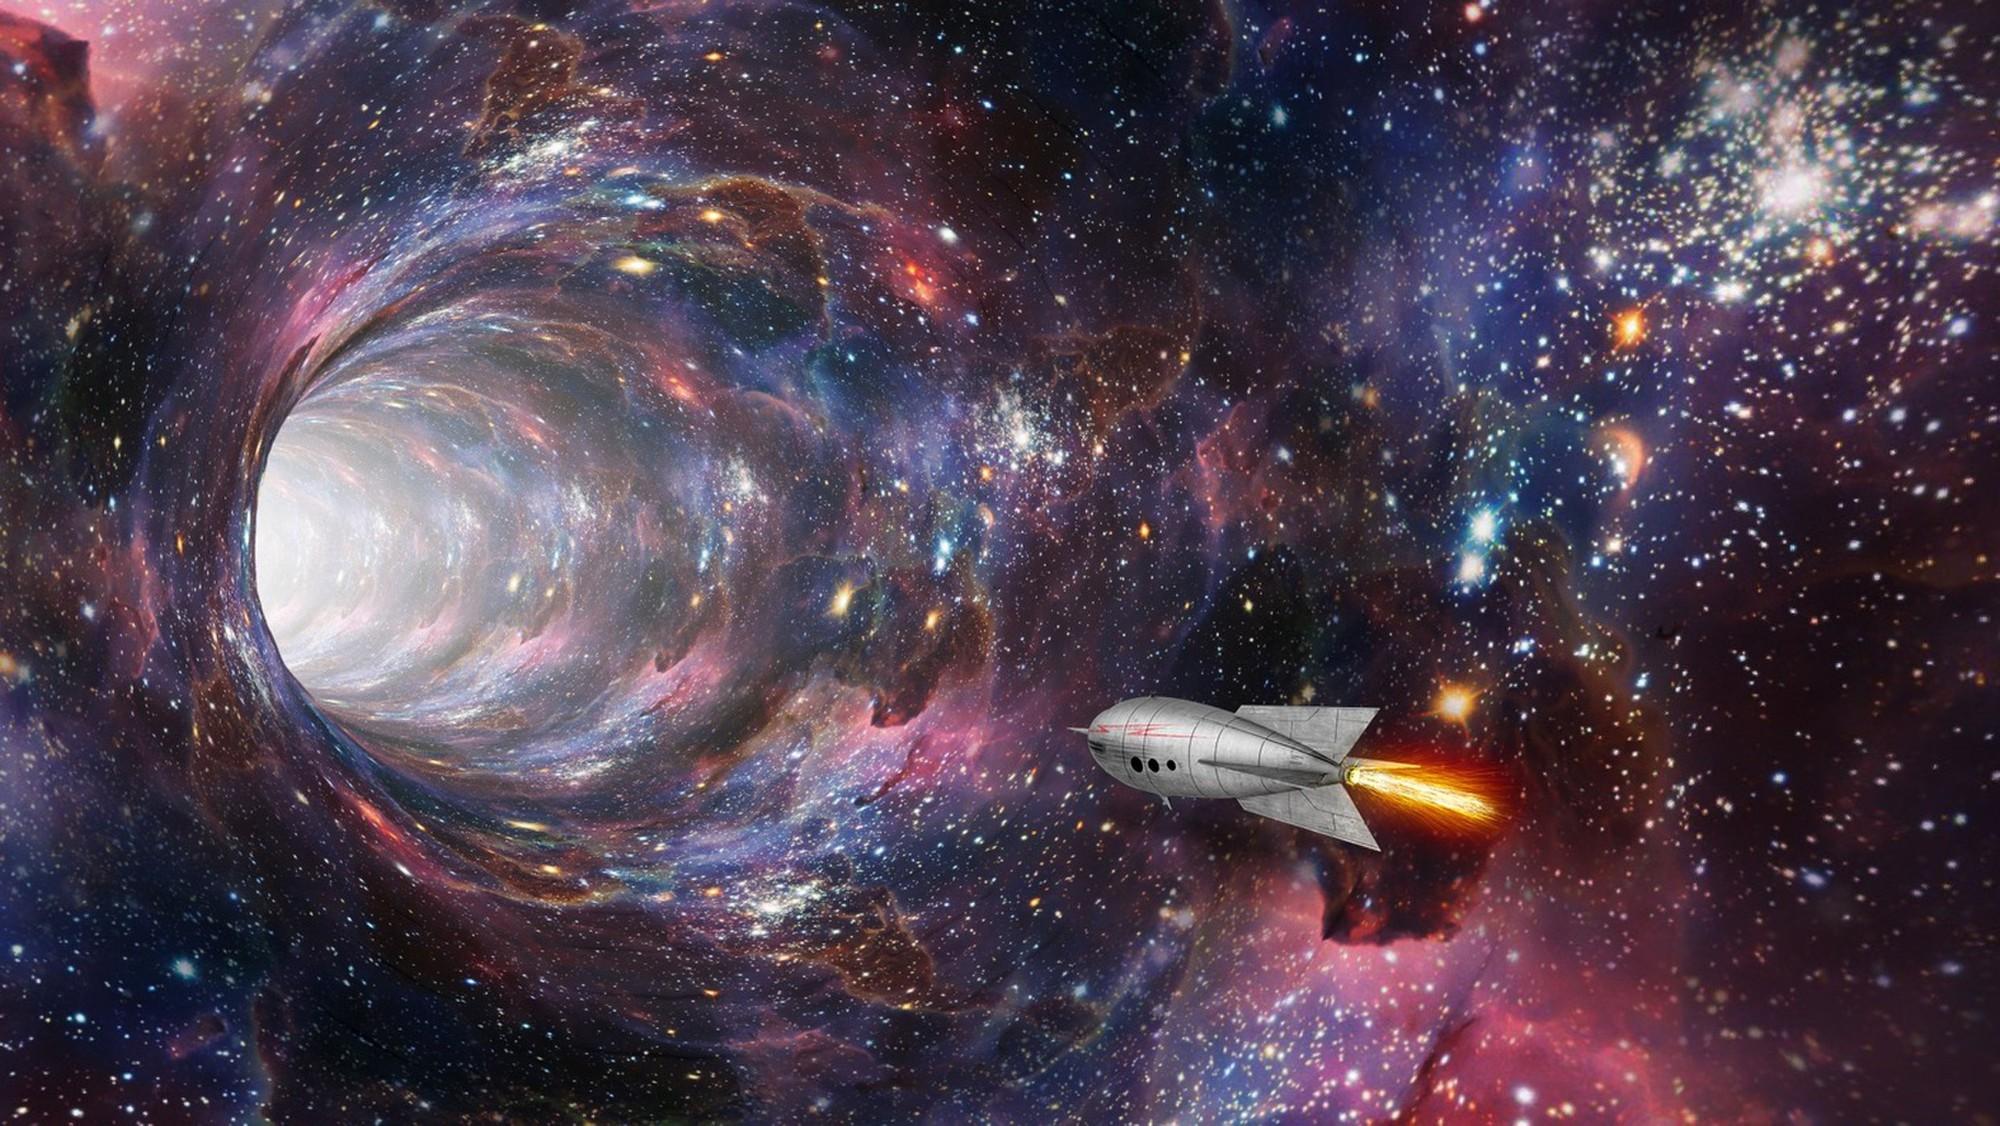 chúng ta hoàn toàn có thể du hành xuyên không gian trong vũ trụ chỉ cần chọn được đúng loại lỗ đen.